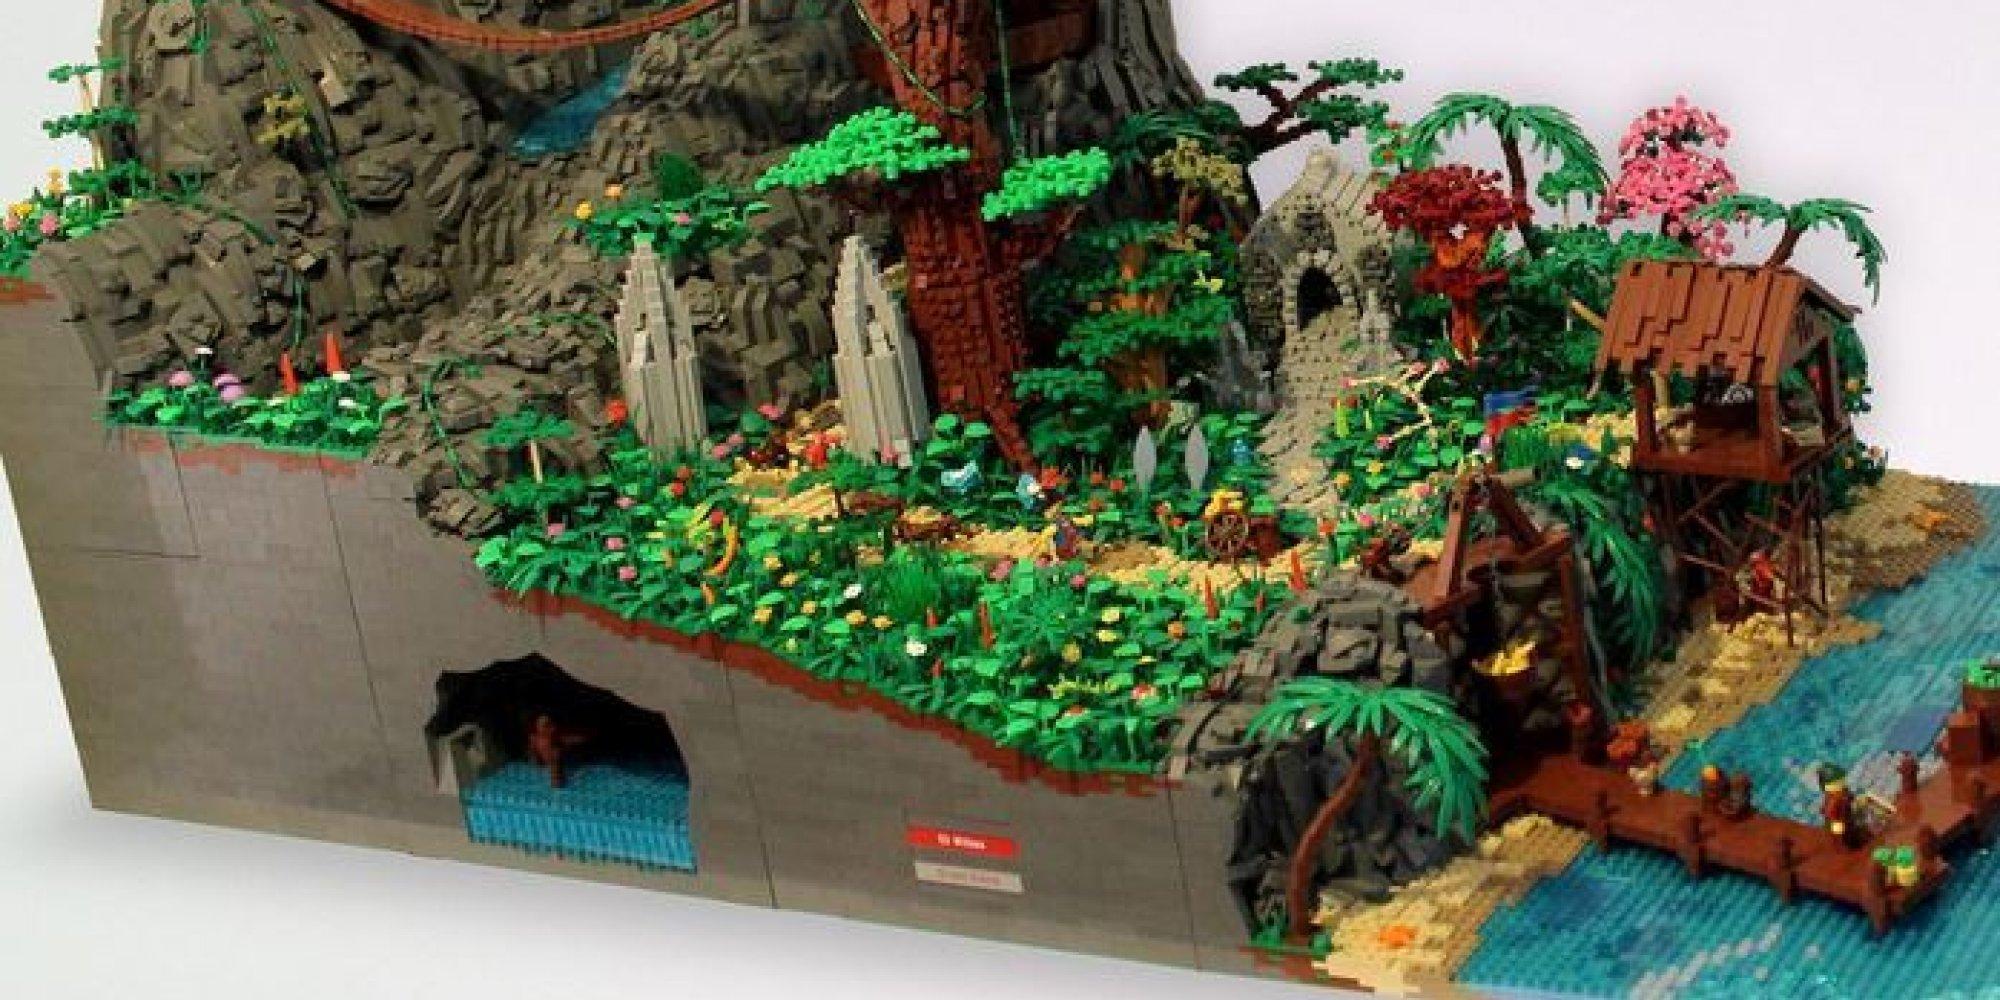 VIDO Une Immense Le De Pirates En Lego Avec Sa Cascade